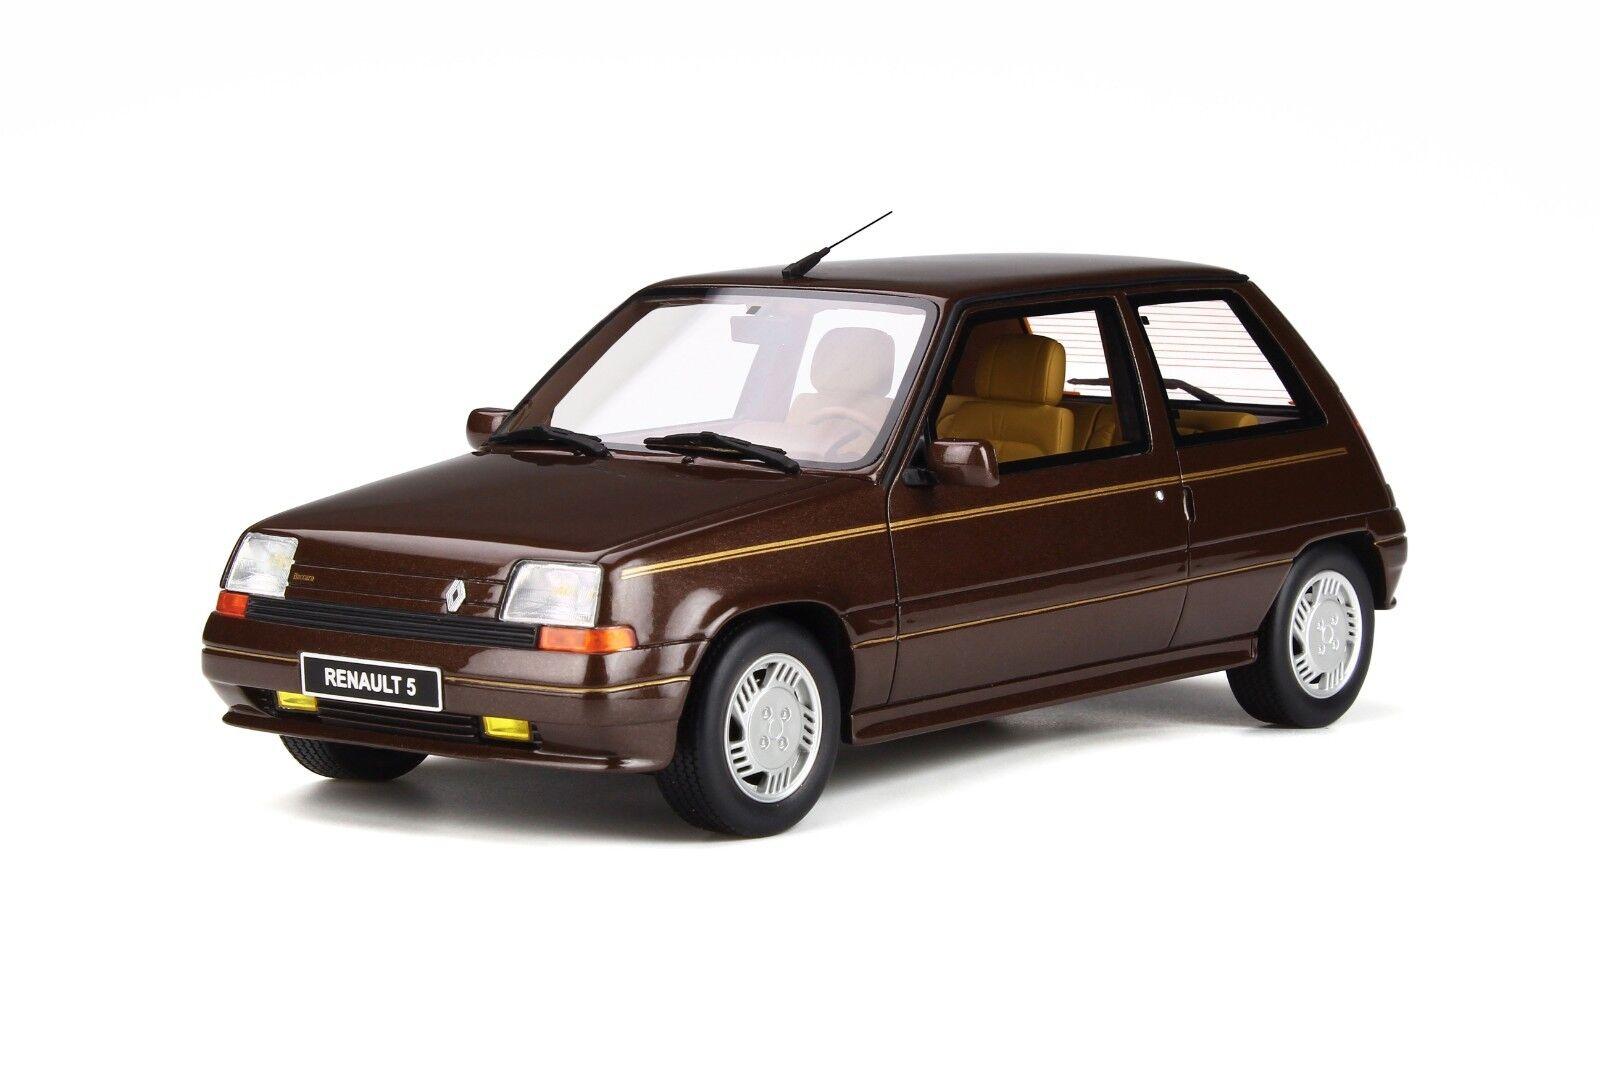 Renault Super 5 Bacarrat  nuevo  Otto ot764  1 18